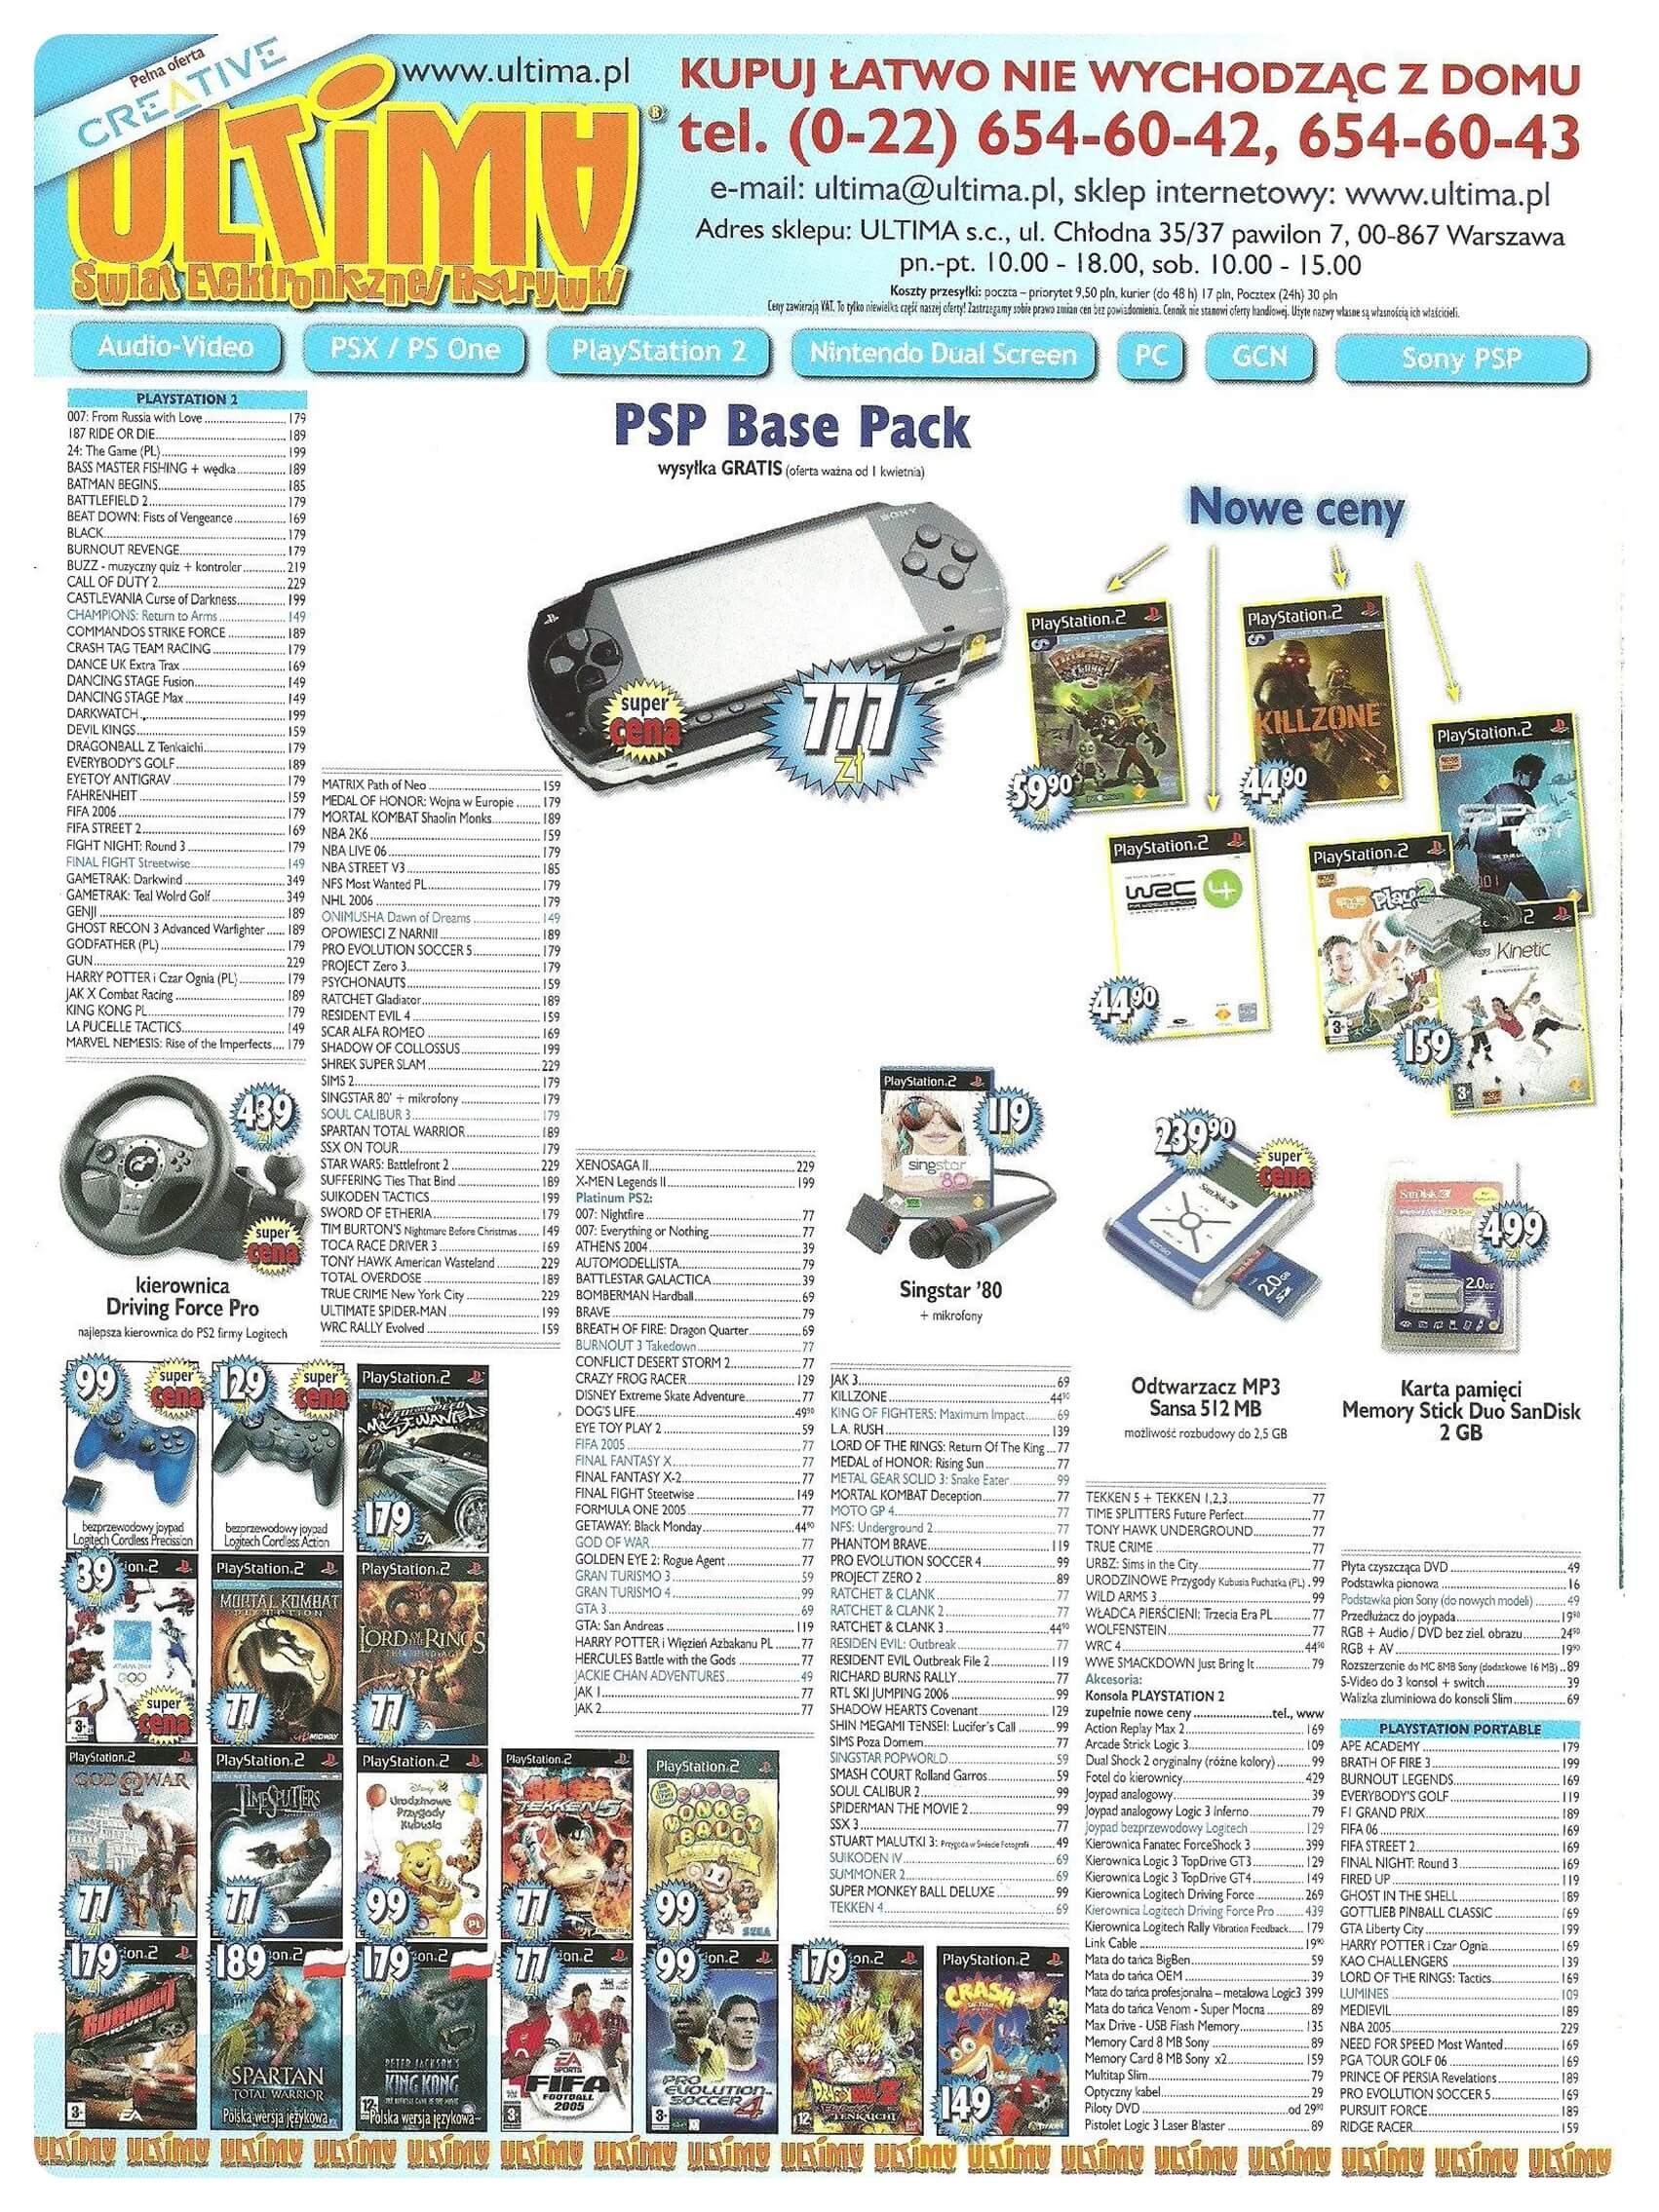 Neo Plus nr 087 20062q4 - Jak wyglądały ceny różnych konsol w Polsce w latach 1996-2006?